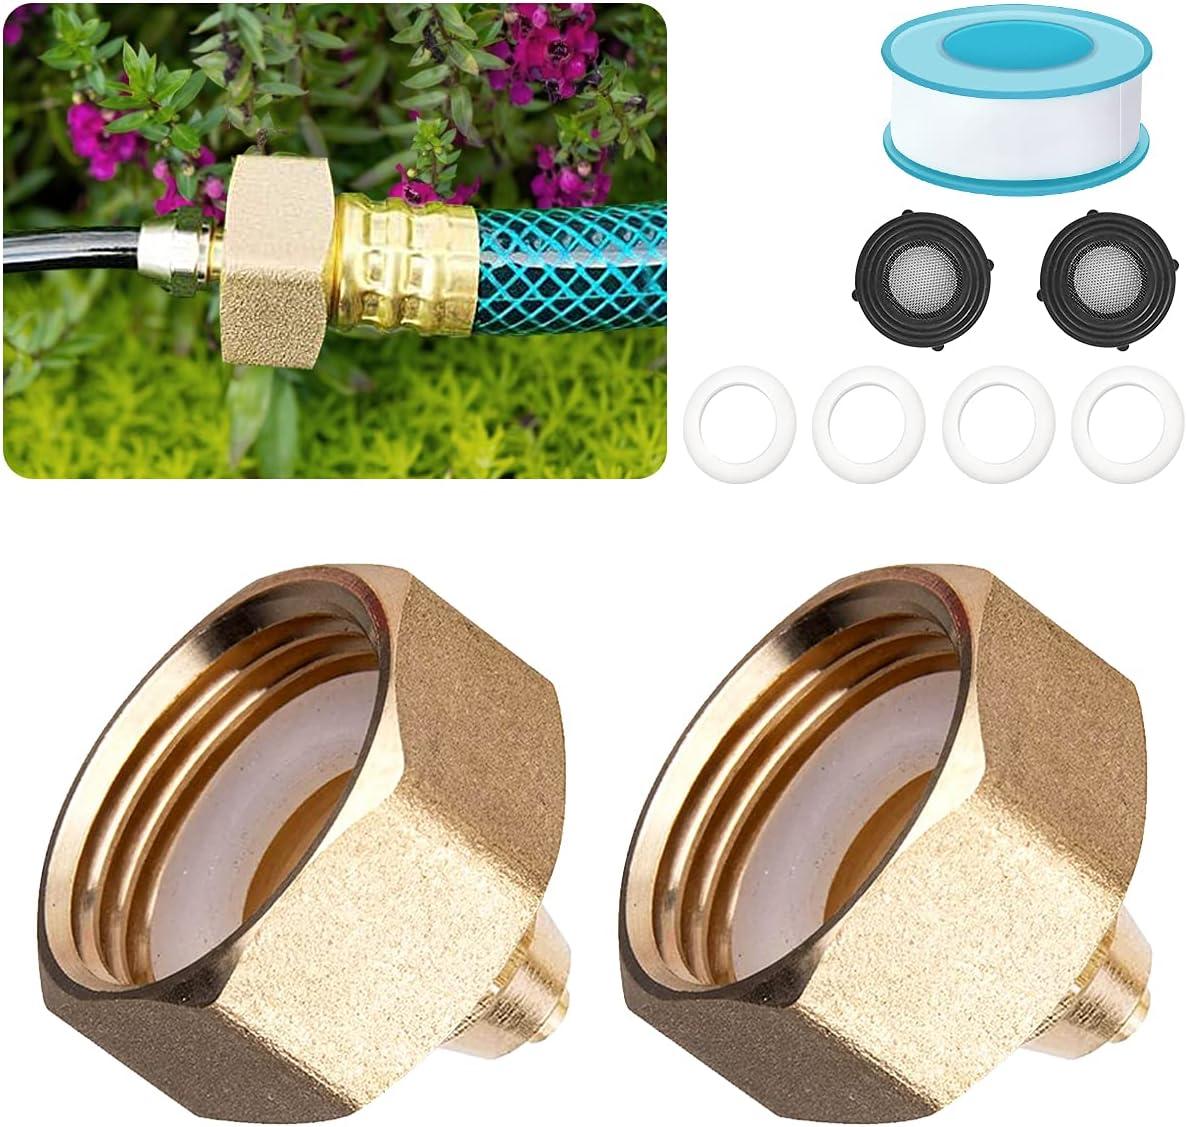 SwiSnail 2 Pack Garden Hose Adapter, Solid Brass 3/4''Female Thread to 1/4'' Hose Adapter, Convert 3/4